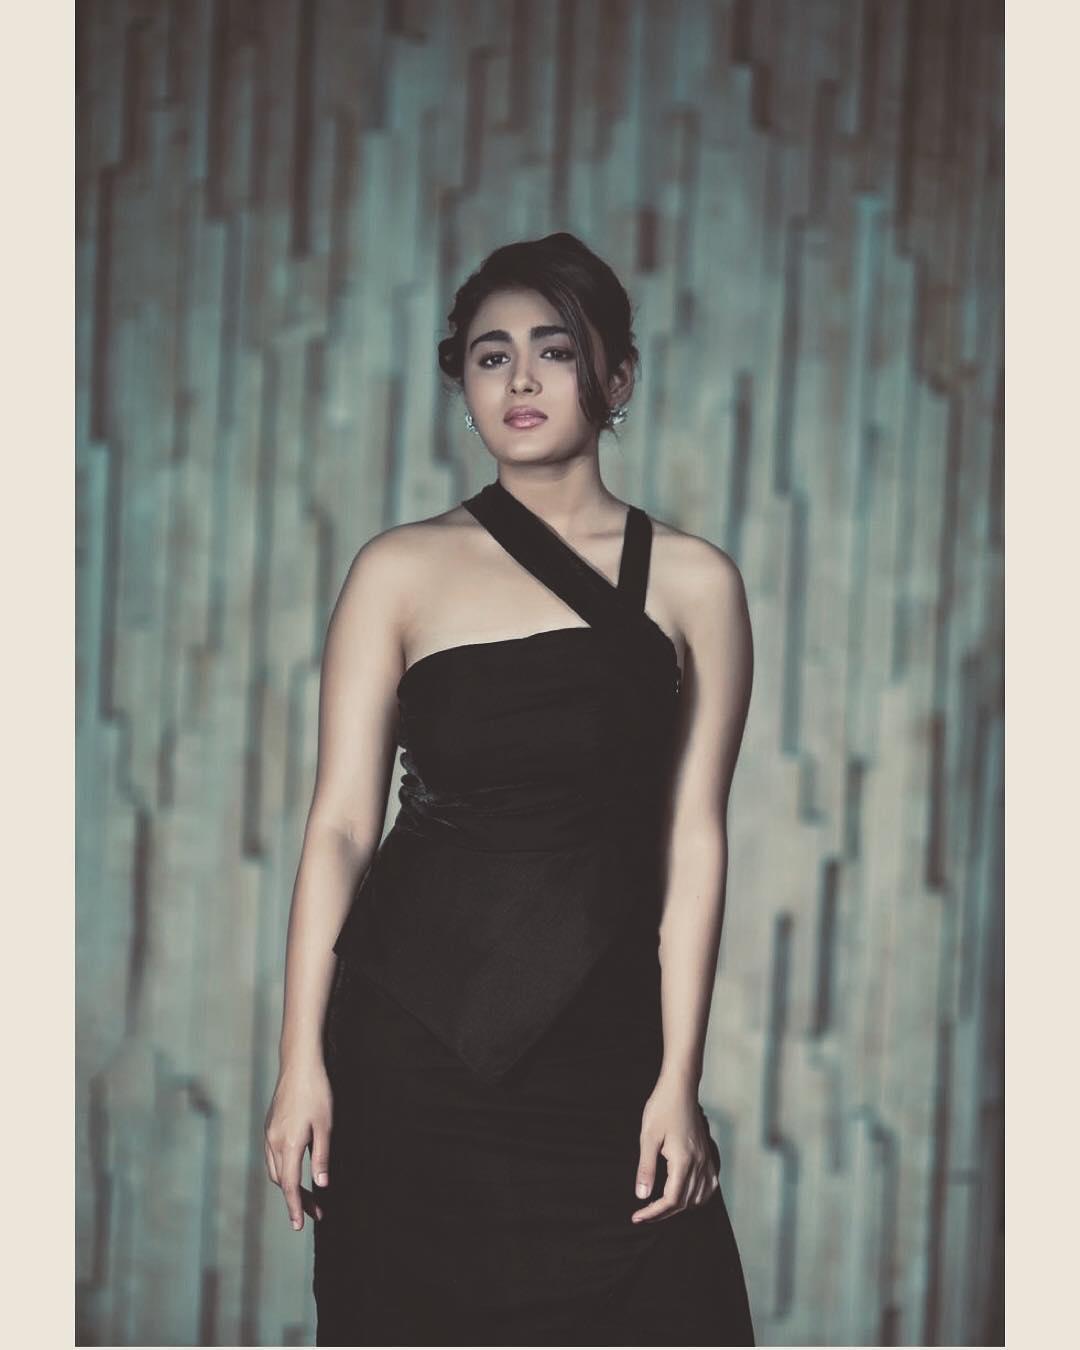 షాలిని పాండే హాట్ ఫోటోషూట్ Photo: Instagram.com/shalzp